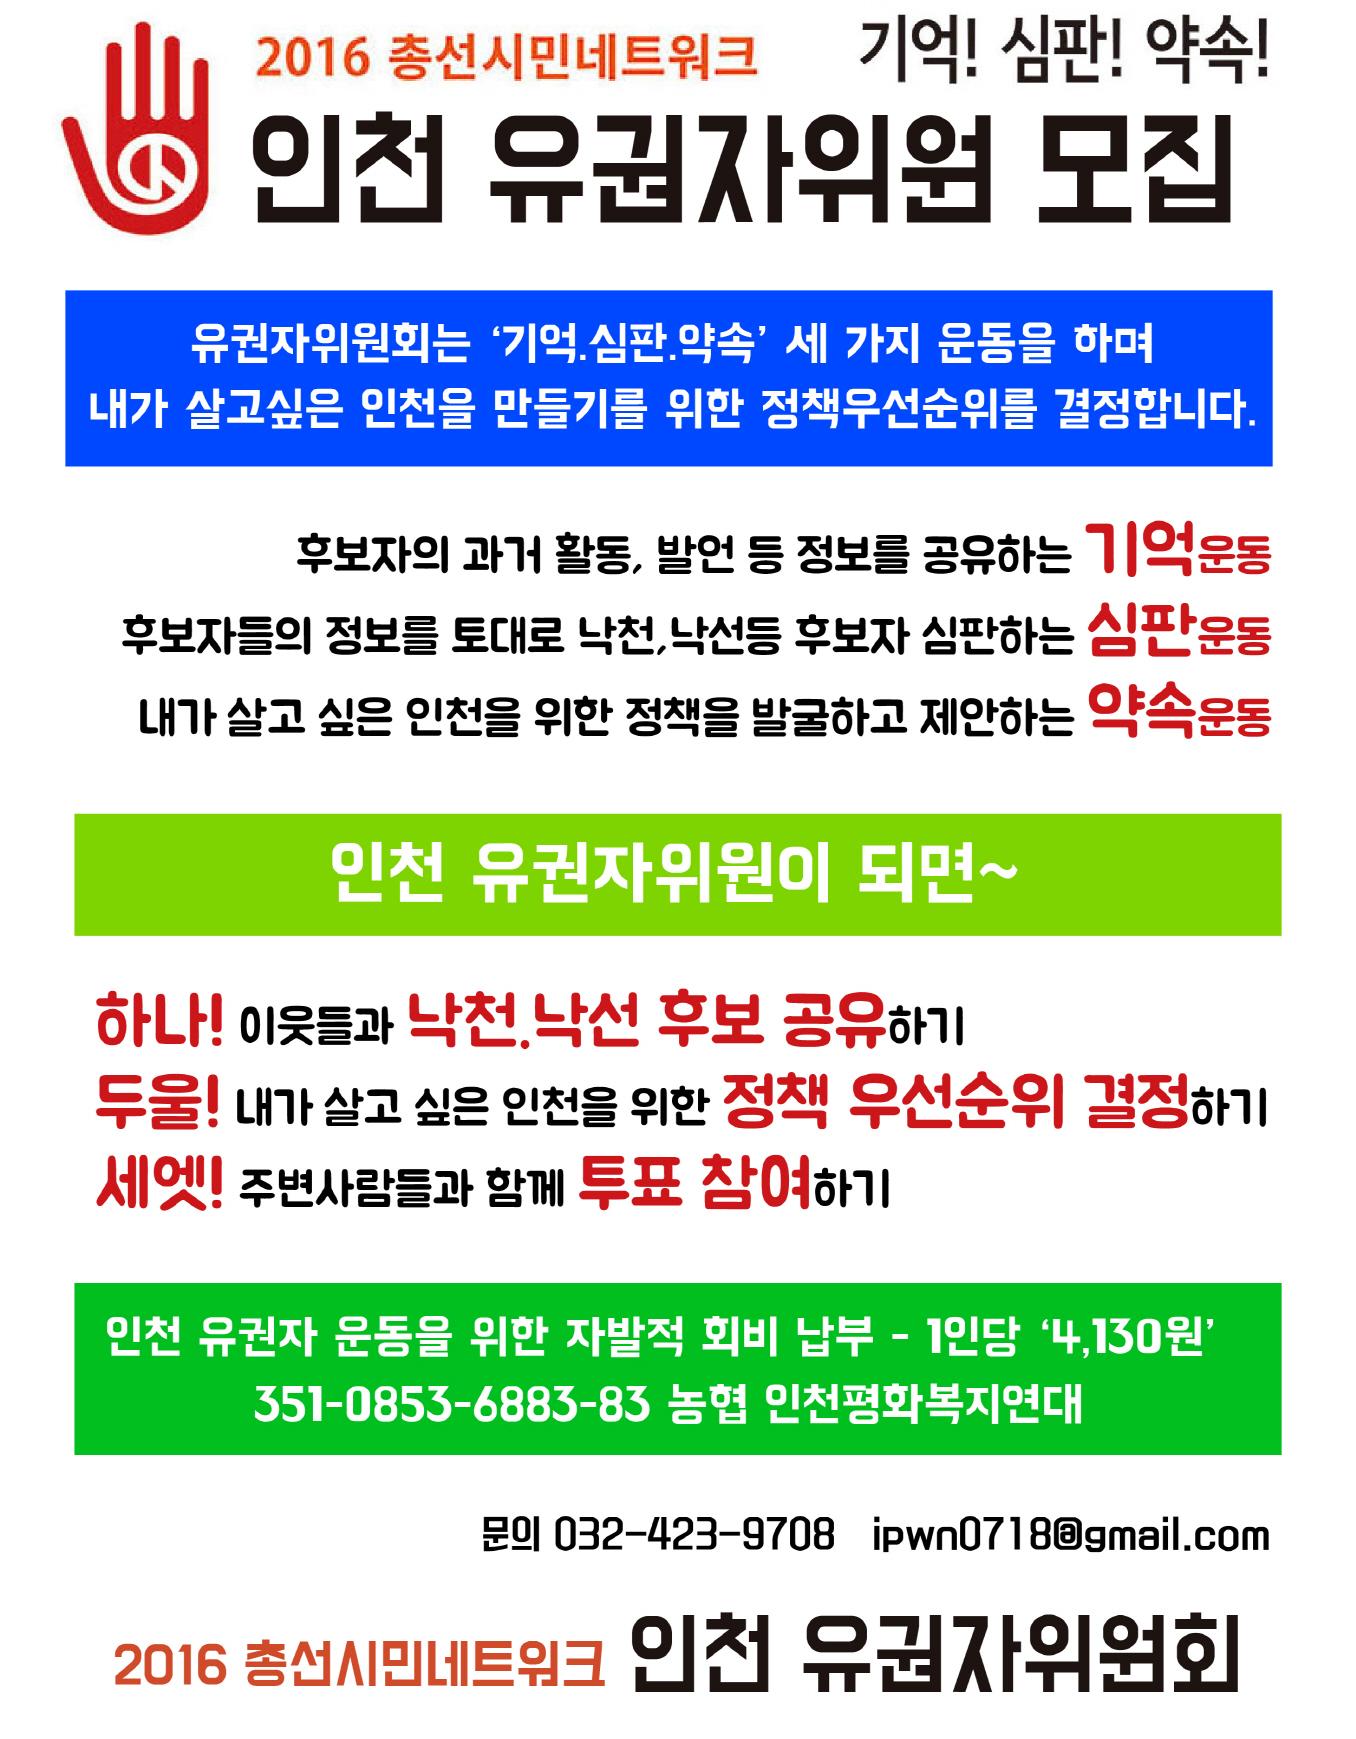 크기변환_유권자위원회 모집(수정).jpg